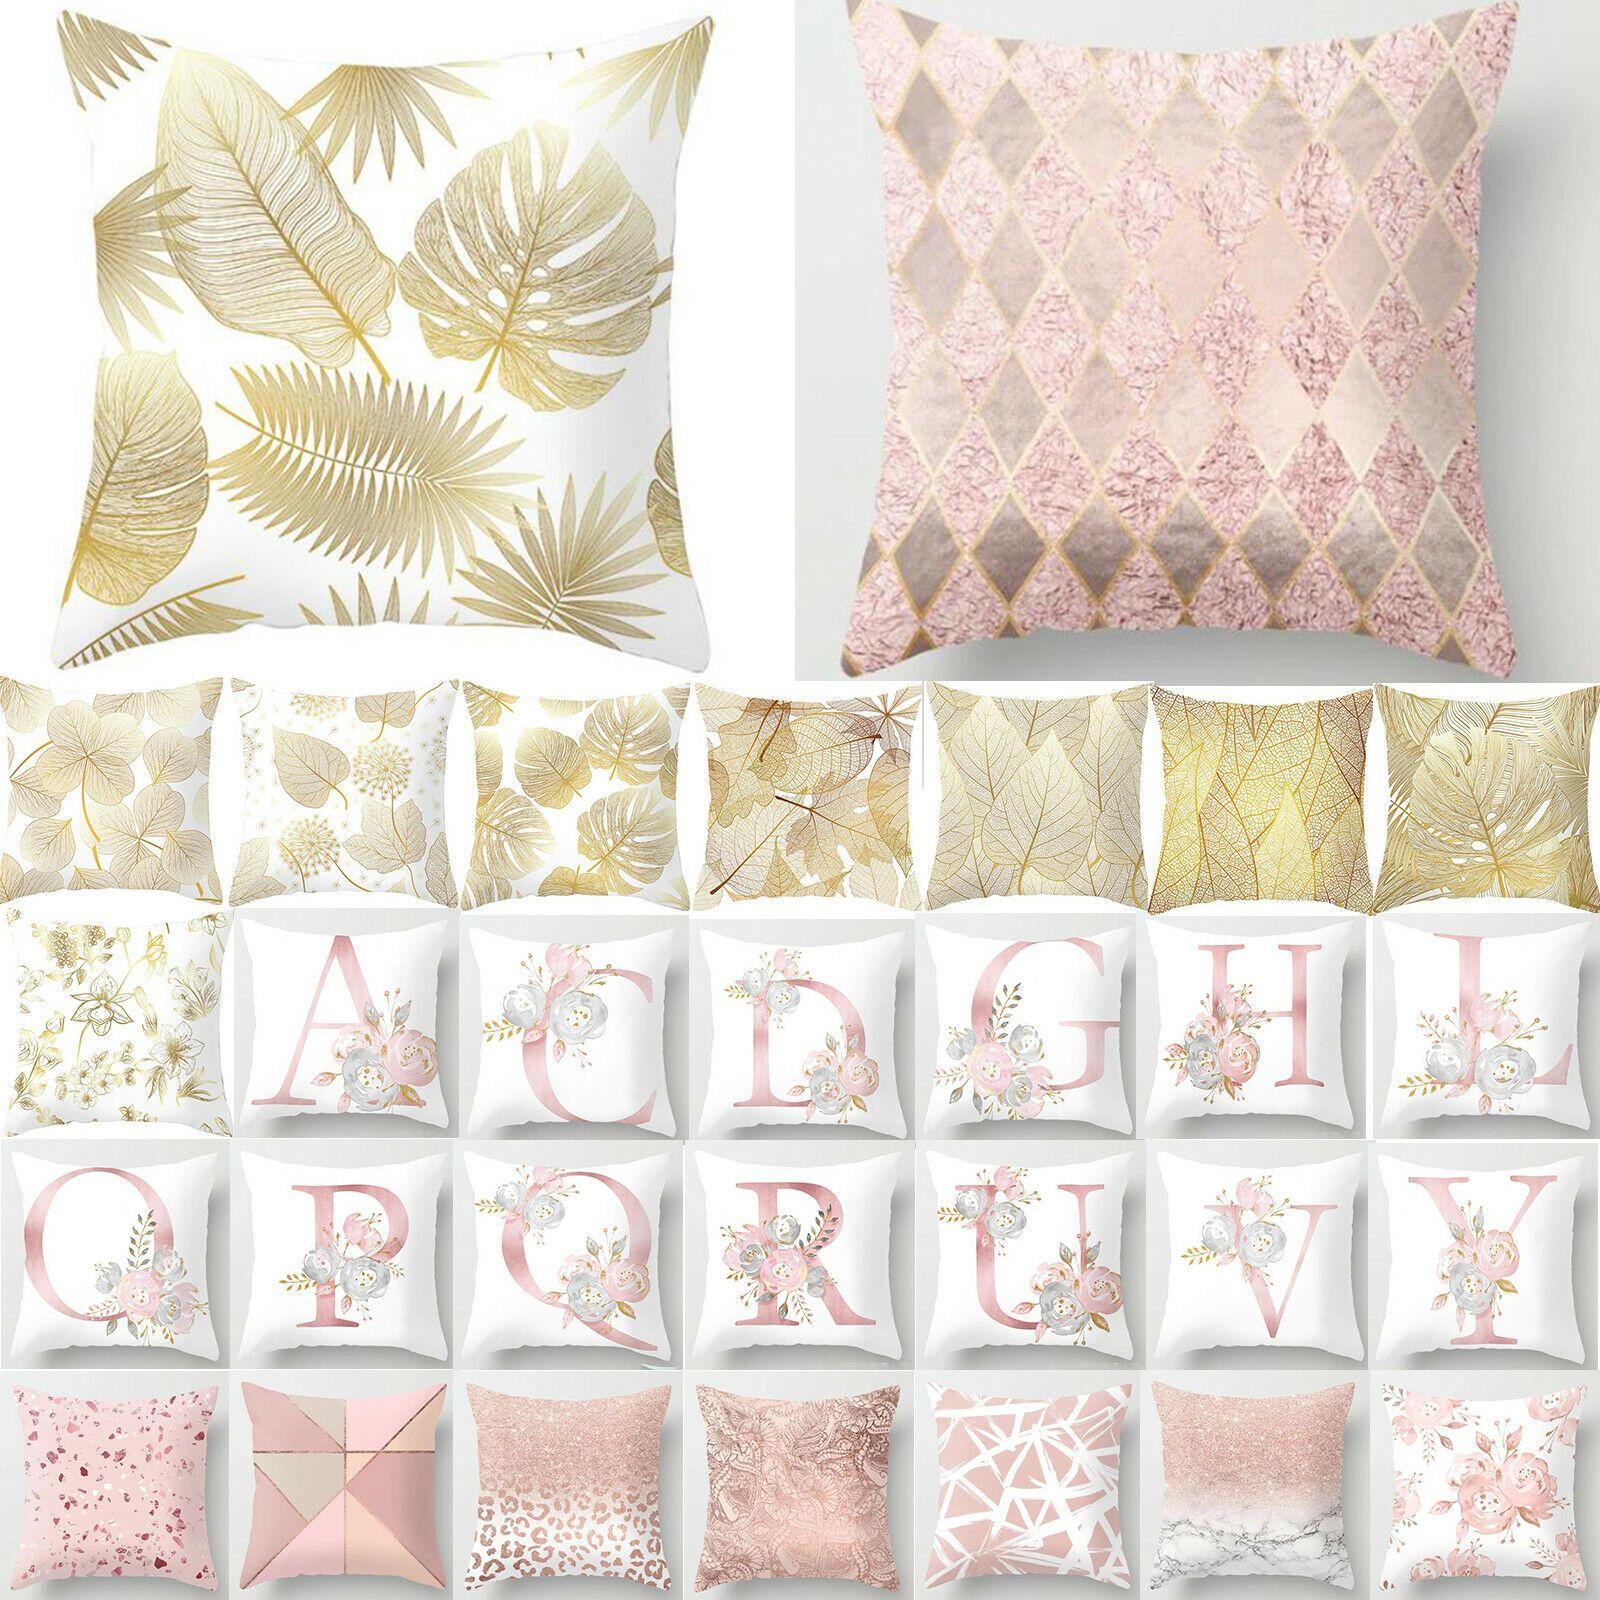 Pink Gold Throw Cushion Cover Pillowcase Home Decor Sofa Car Waist Pillow Case Sofa Cushions Ideas Of Sofa In 2020 Cushions On Sofa Sofa Throw Pillows Floral Sofa